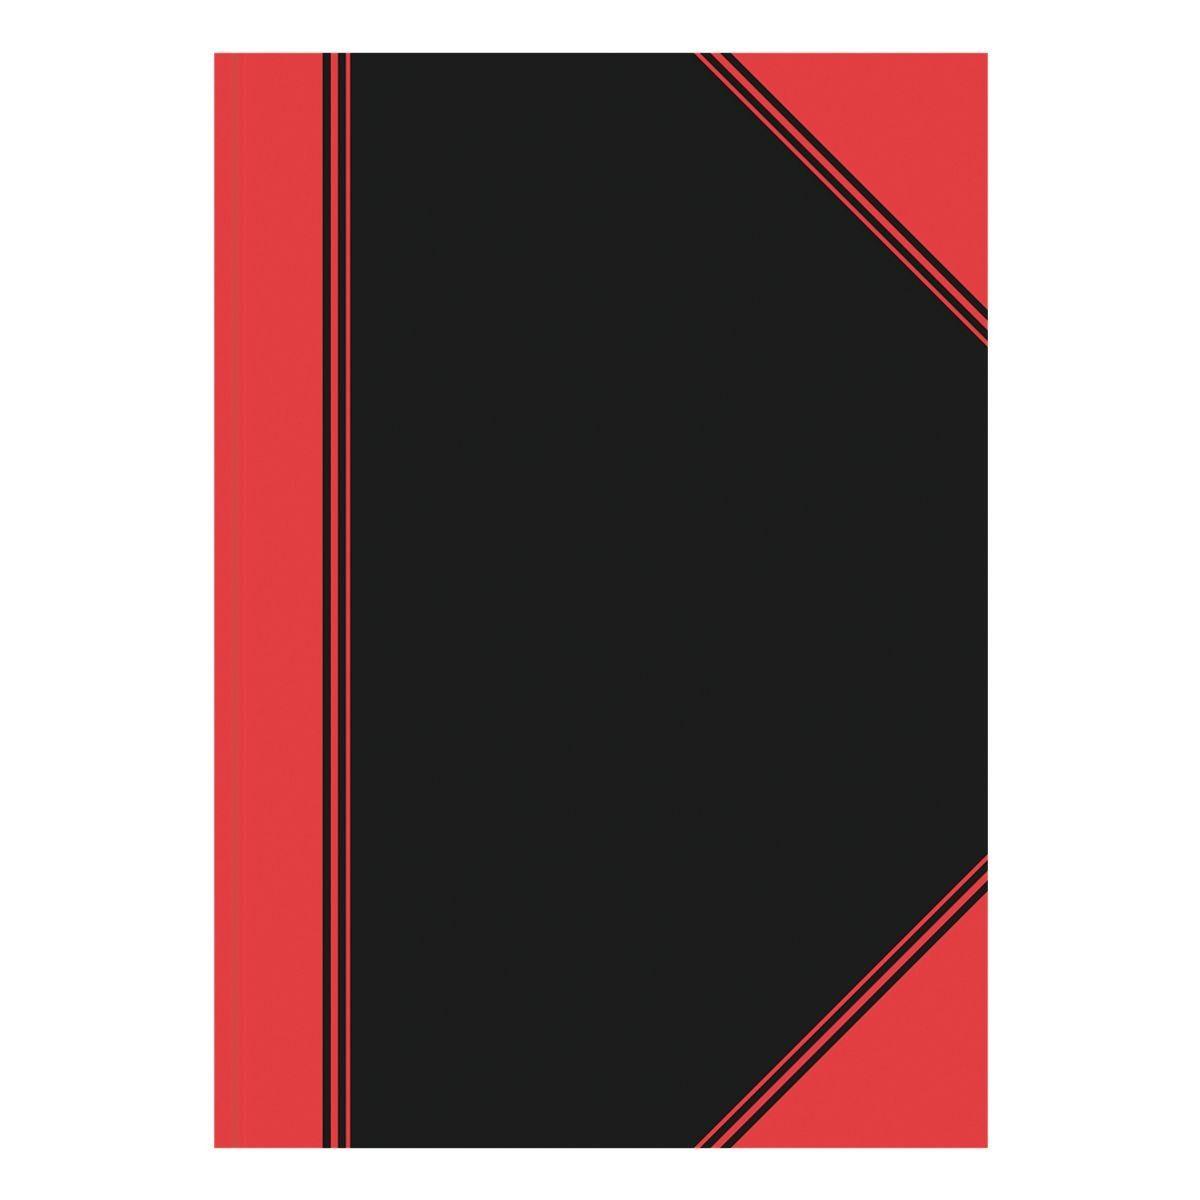 LANDRE Notizbuch 100302832 A5 blanko »Chinakladde«